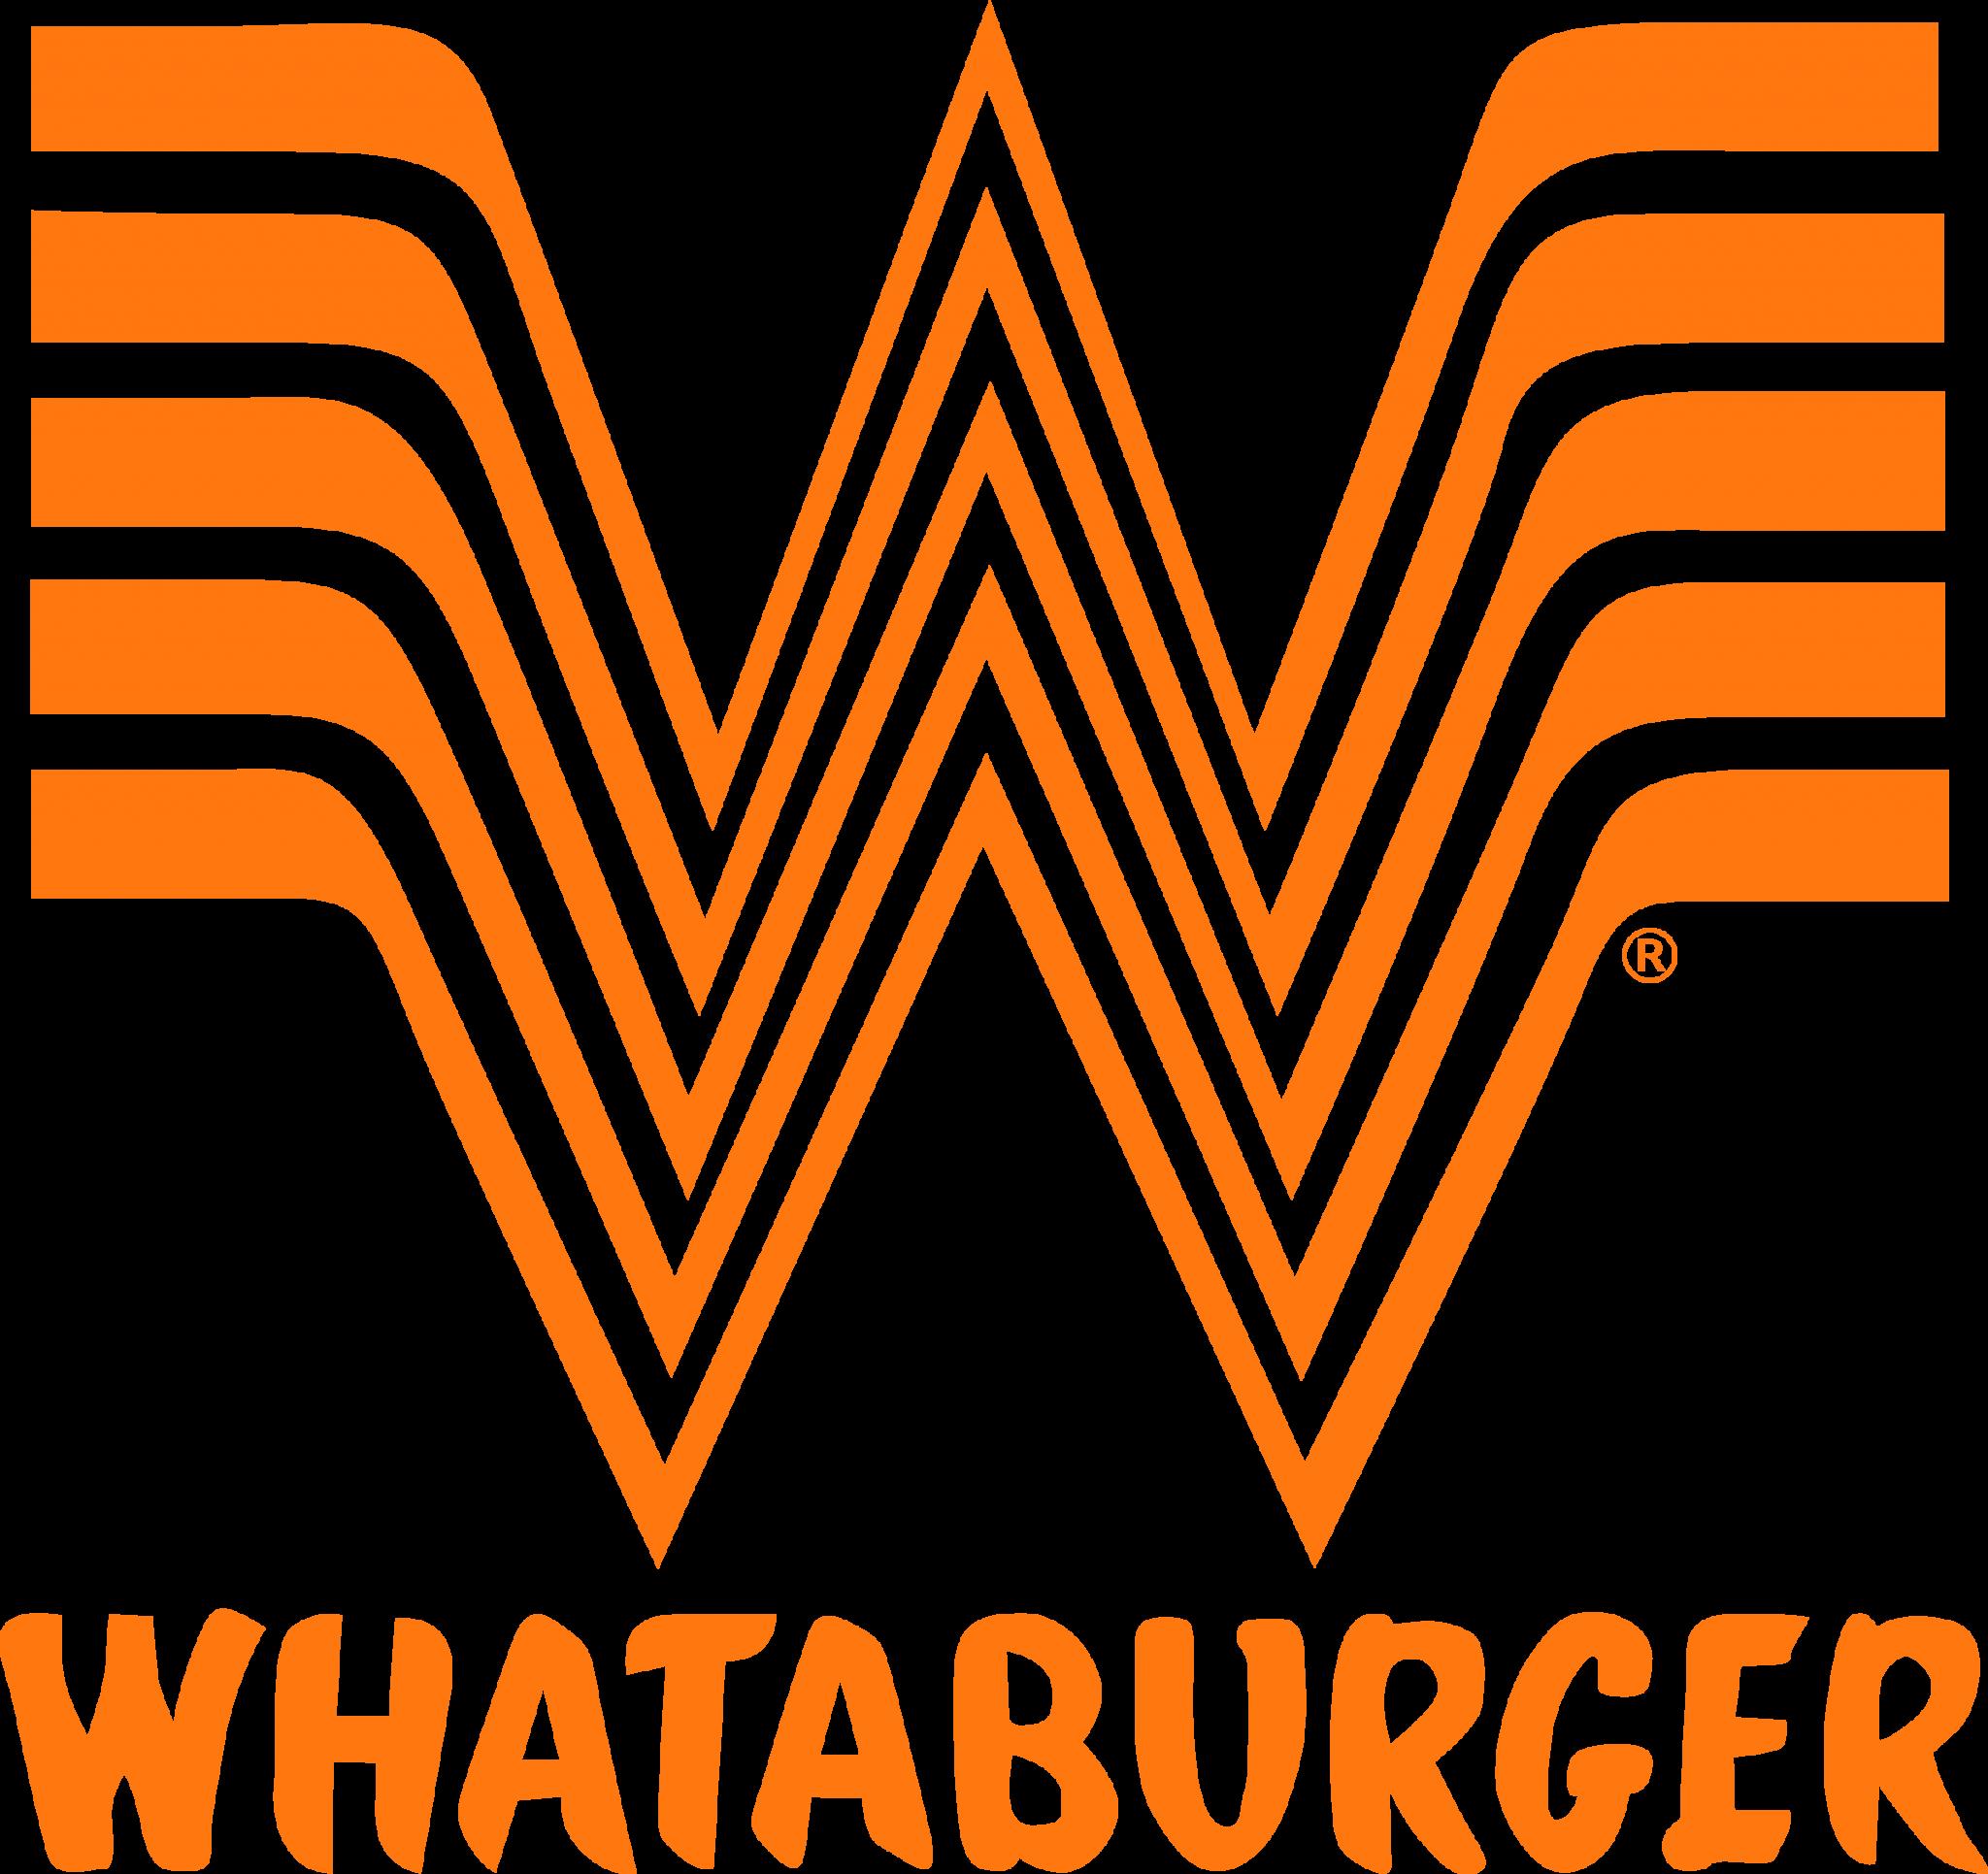 whatburger logo for website